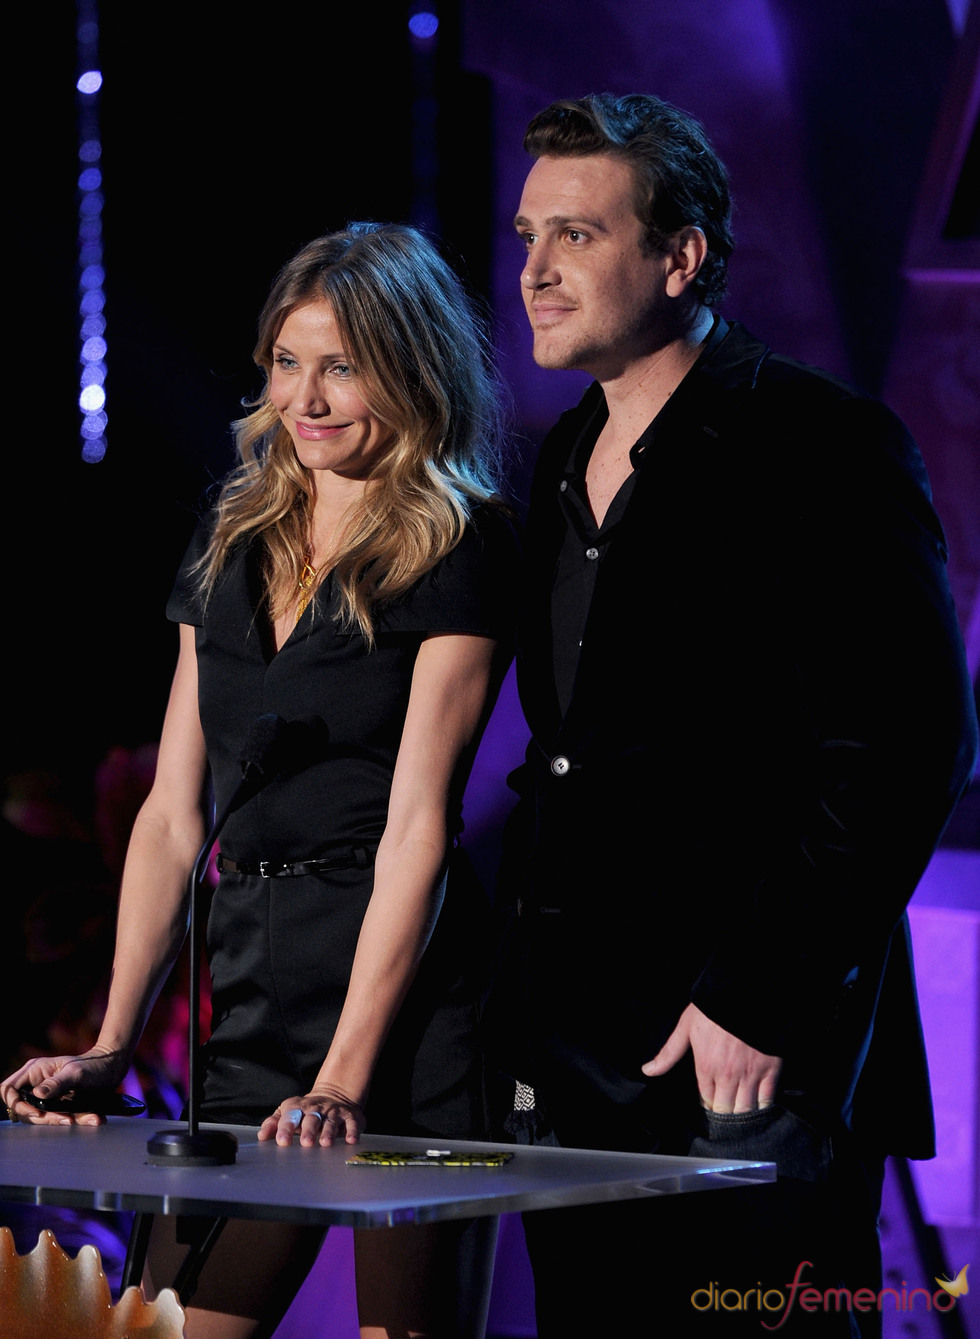 Cameron Diaz y Jason Segel en la gala de los premios MTV Awards 2011